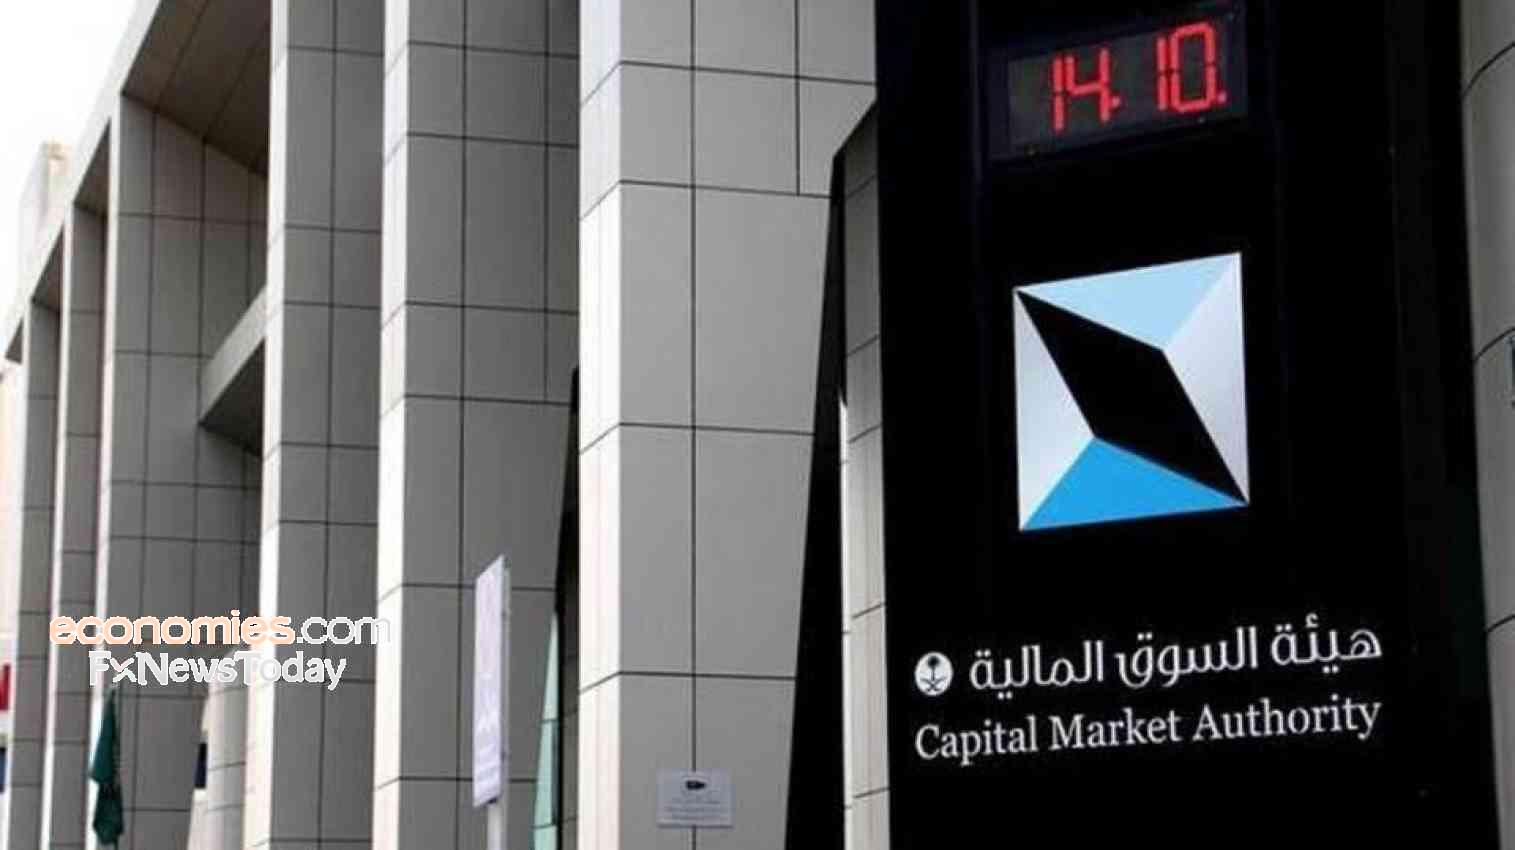 السوق المالية السعودية تستقبل صندوقاً للمتاجرة بالذهب